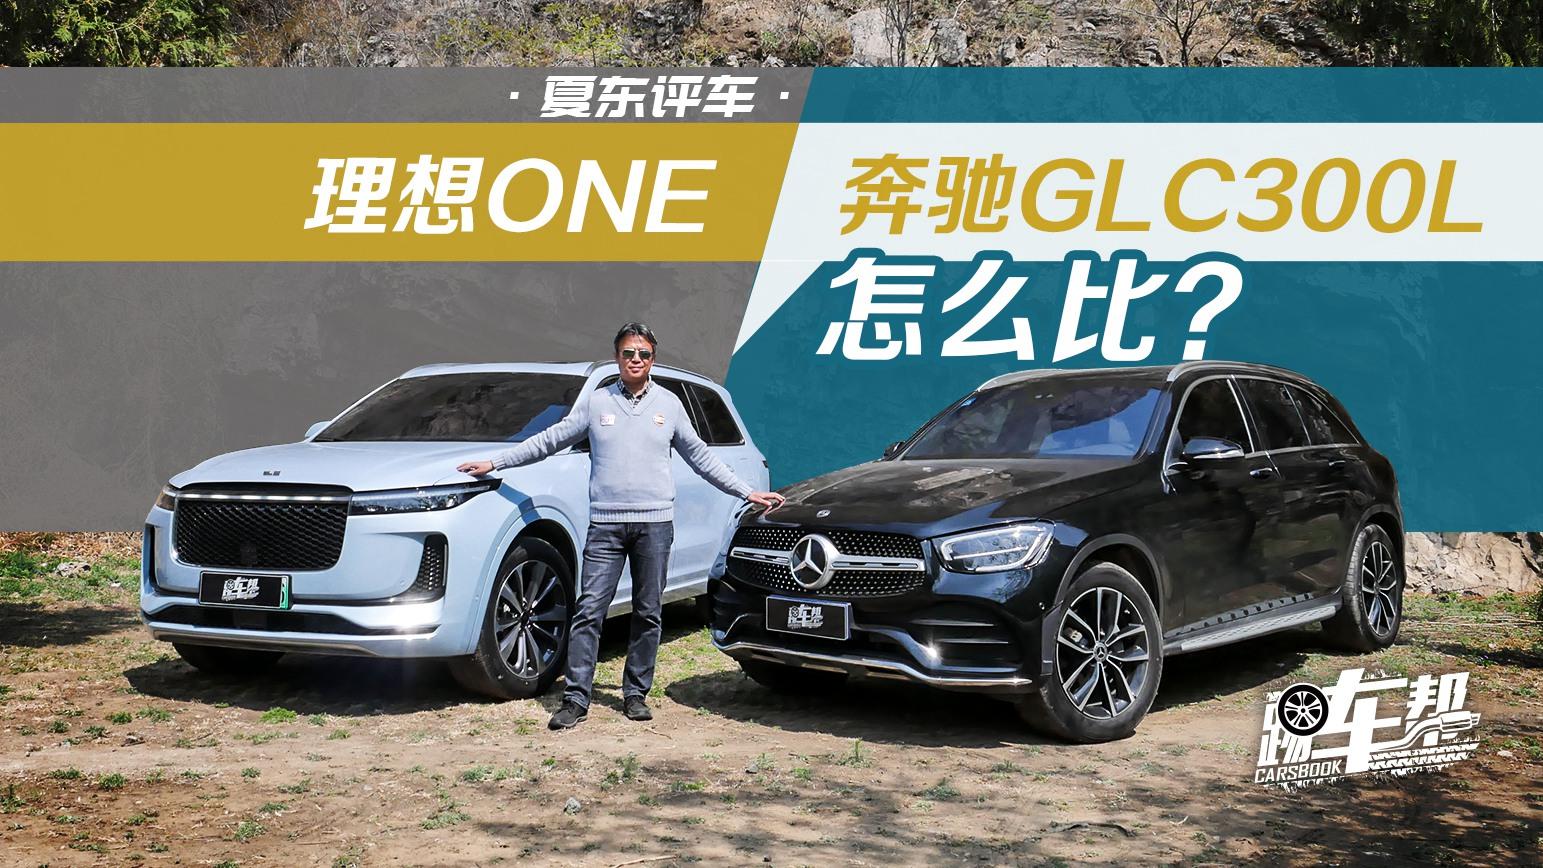 《夏东评车》理想ONE跟奔驰GLC 300 L,怎么比?